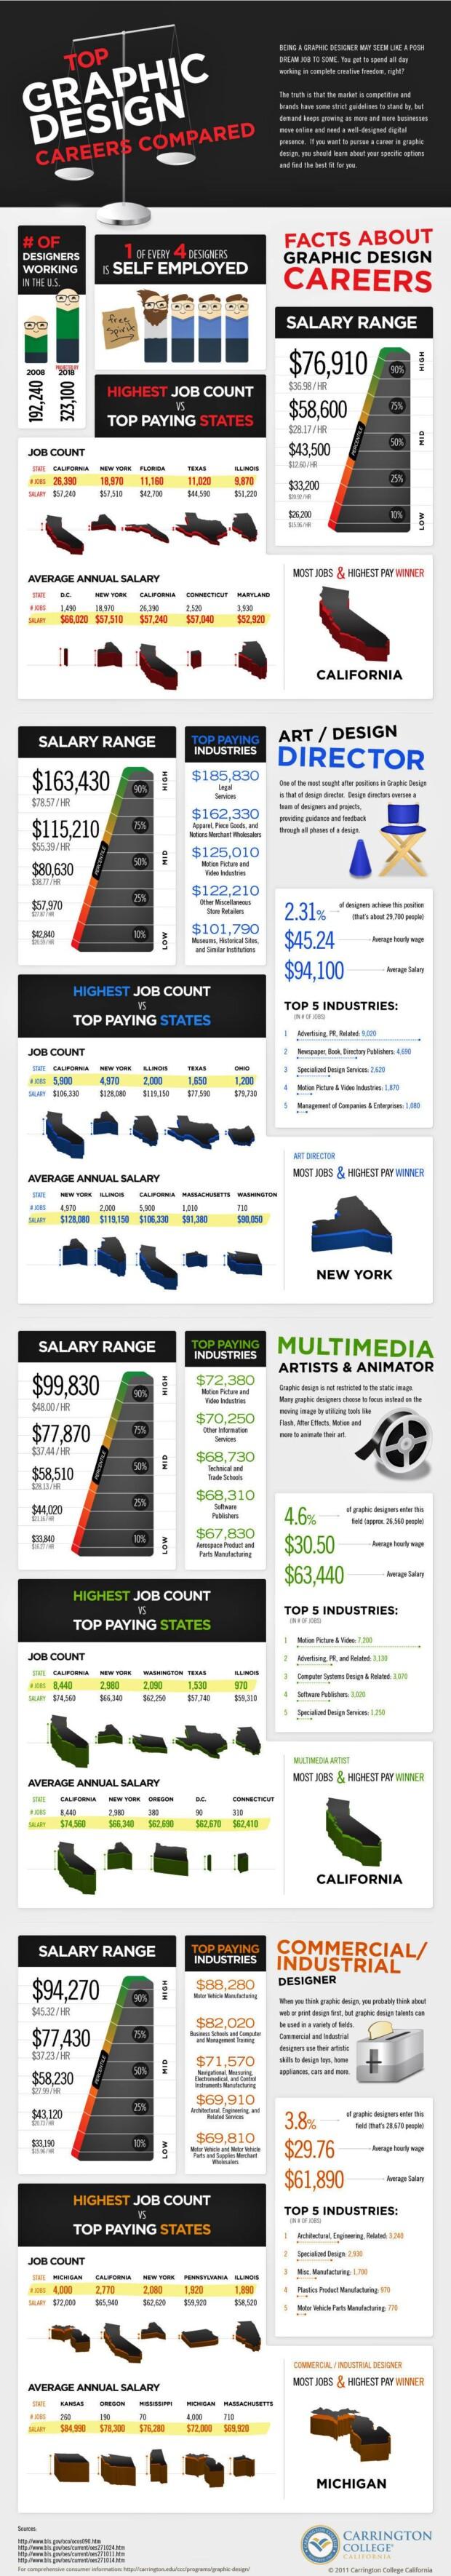 cifrele din spatele carierelor in design grafic